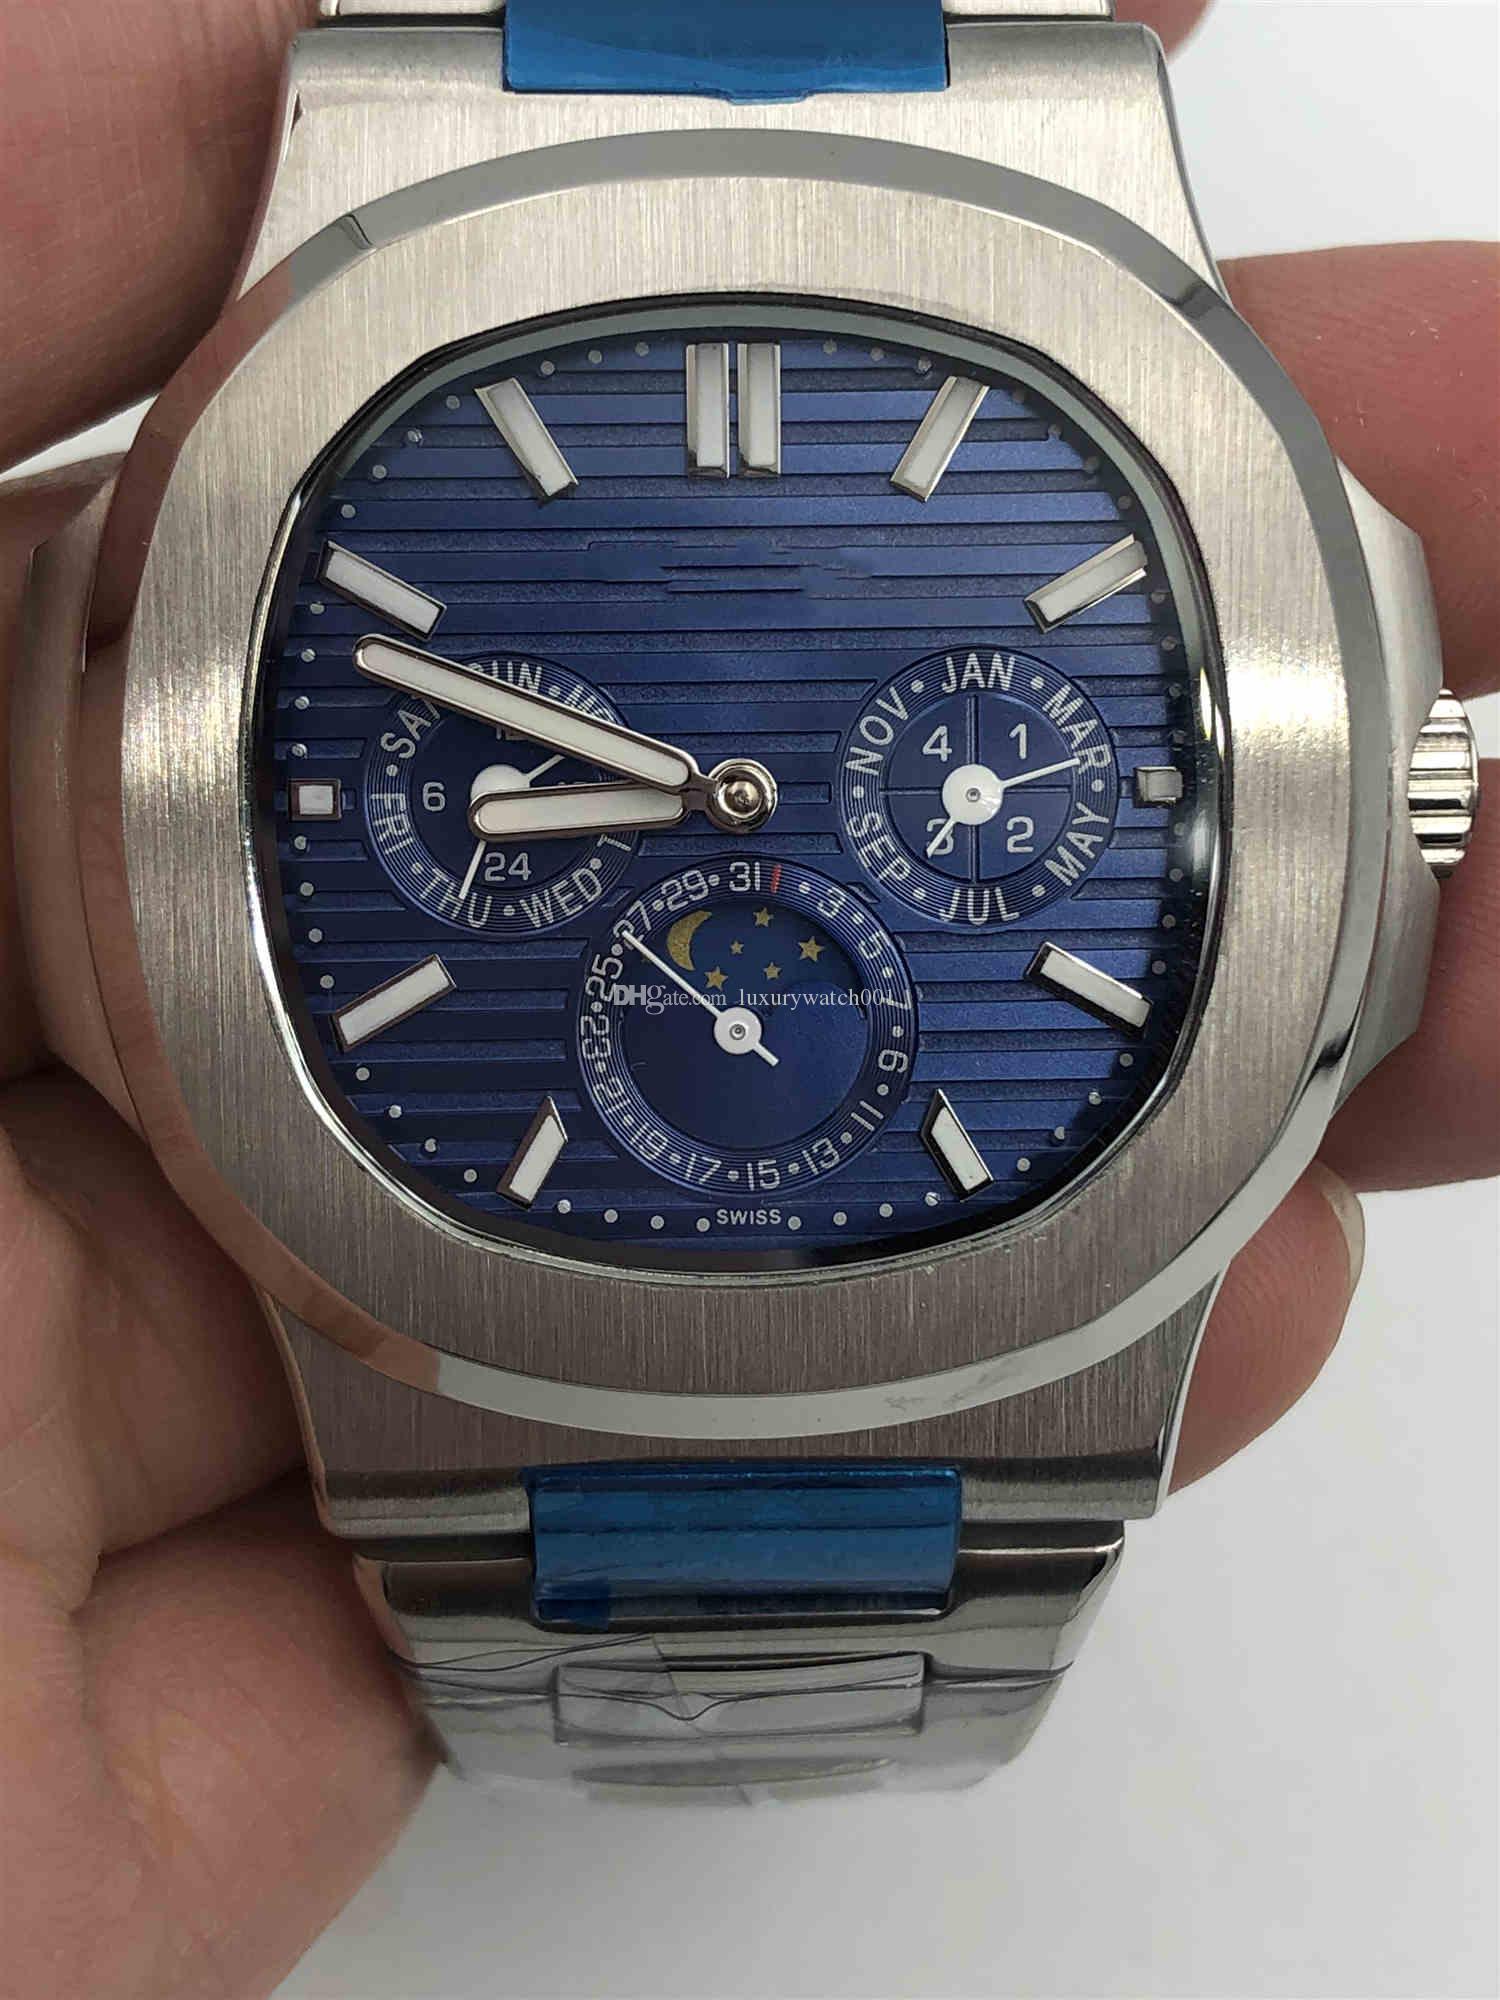 2019 venta caliente de los relojes de hombre Relojes de acero inoxidable reloj mecánico automático Movimiento de pulsera hombre de moda deportiva